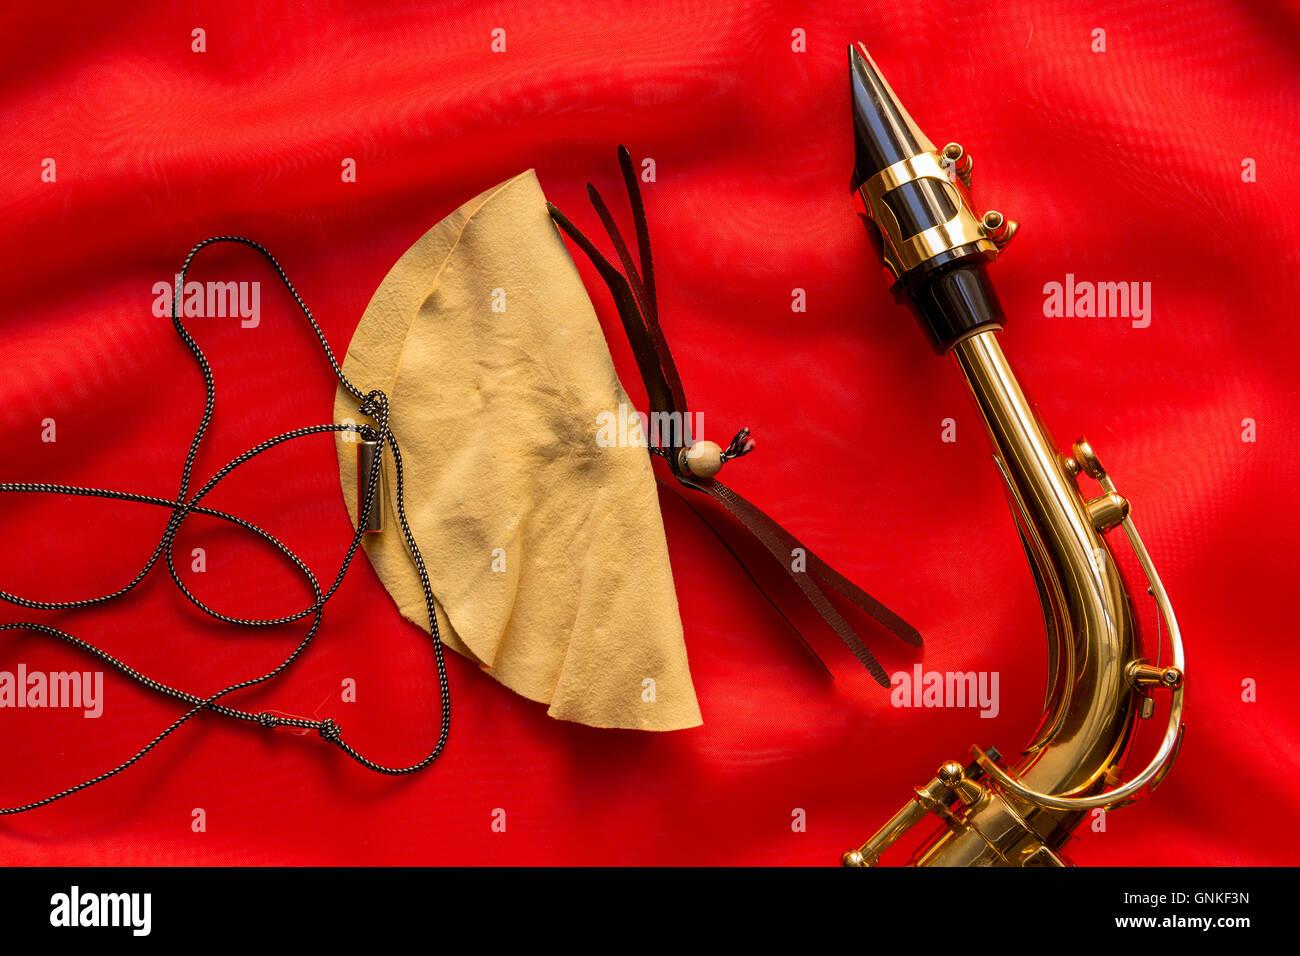 Wildleder Bürste und Saxophon Mundstück auf rotem Grund Stockbild